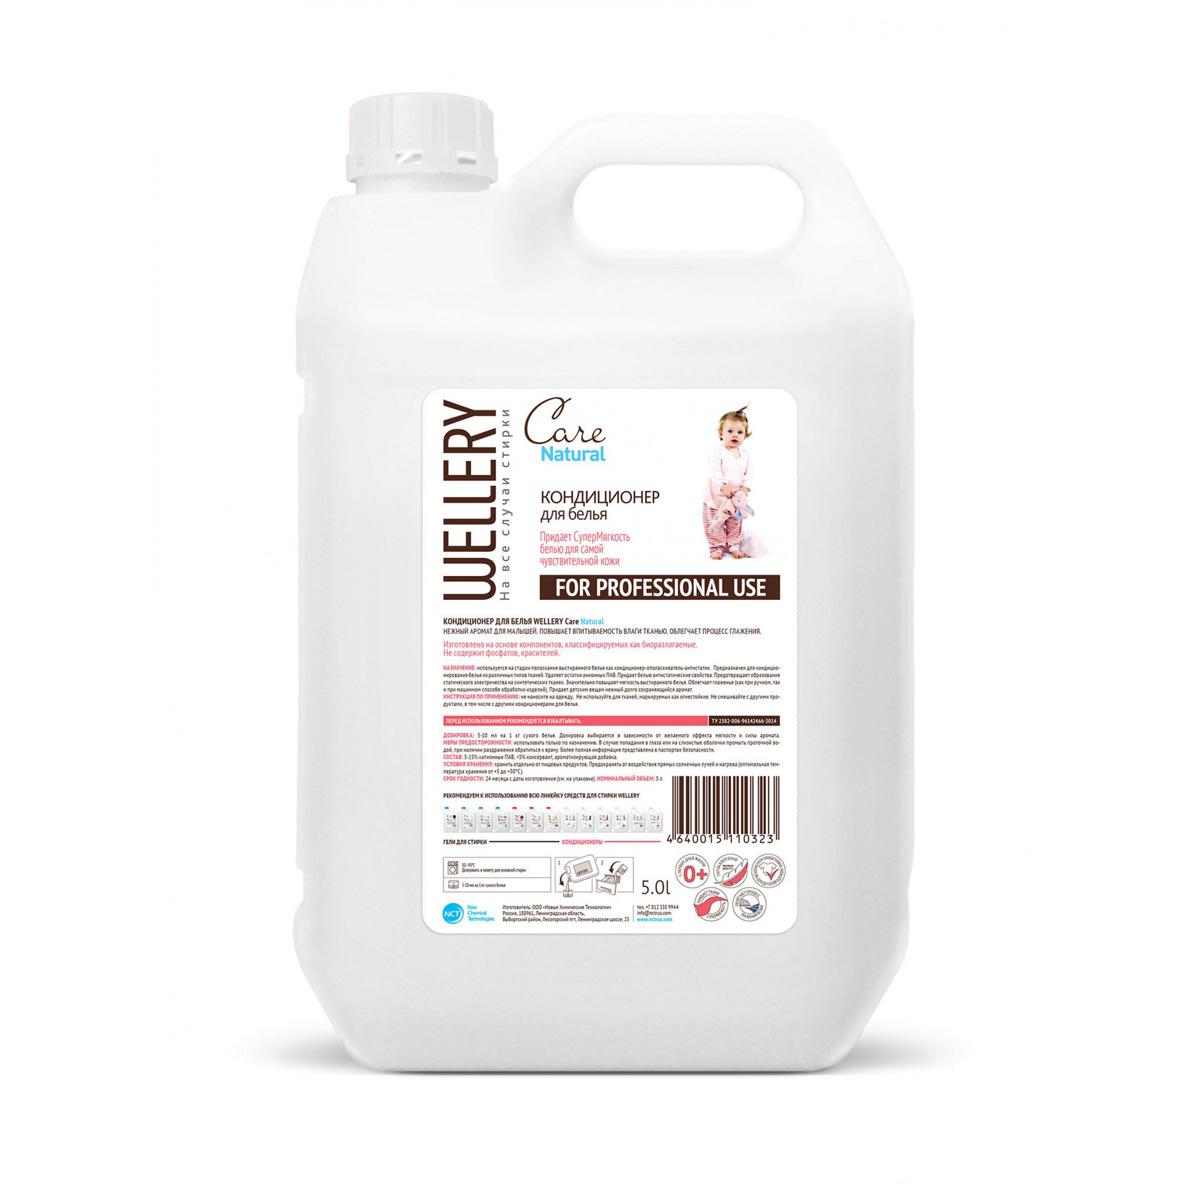 Кондиционер для детского белья Wellery Care Natural, гипоаллергенный, с ароматом ванильной ириски, 5 л кондиционер для белья wellery эко свежий ветер 5 л